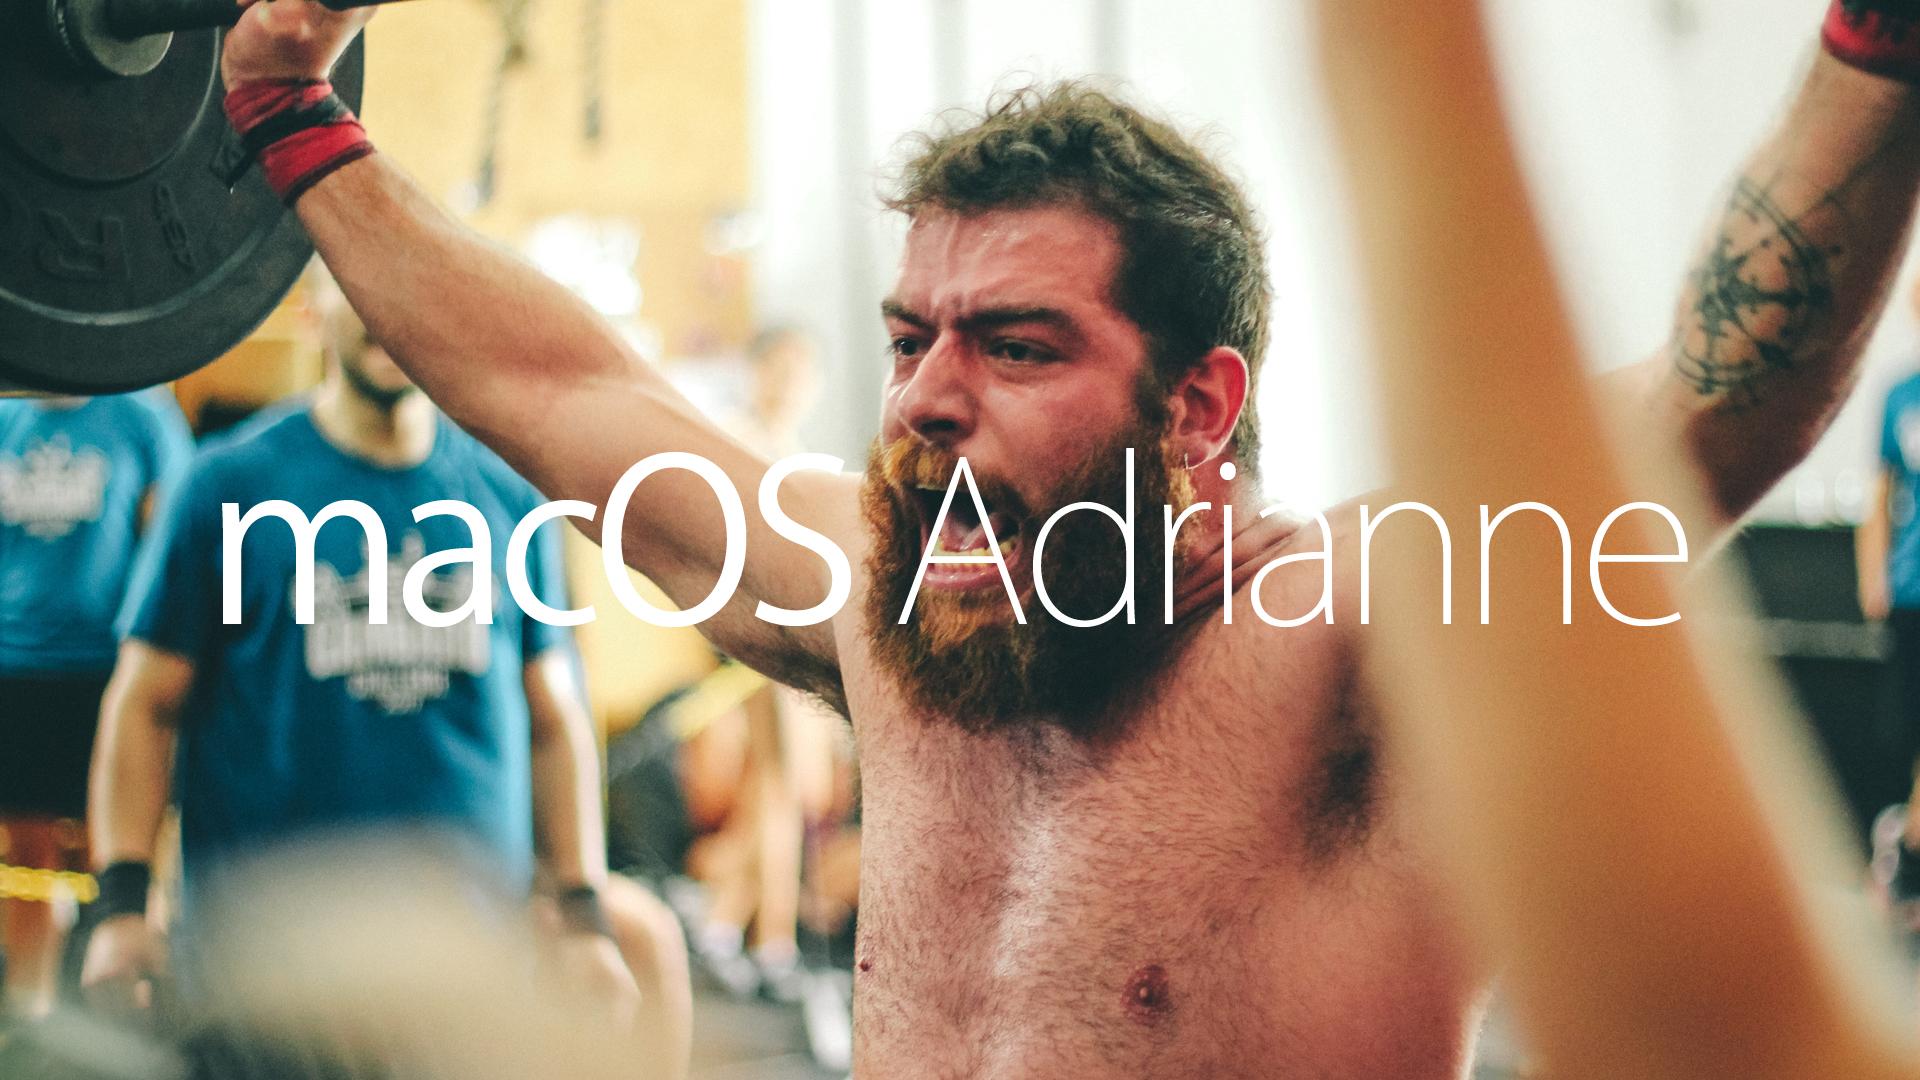 Mac OS Adrianne